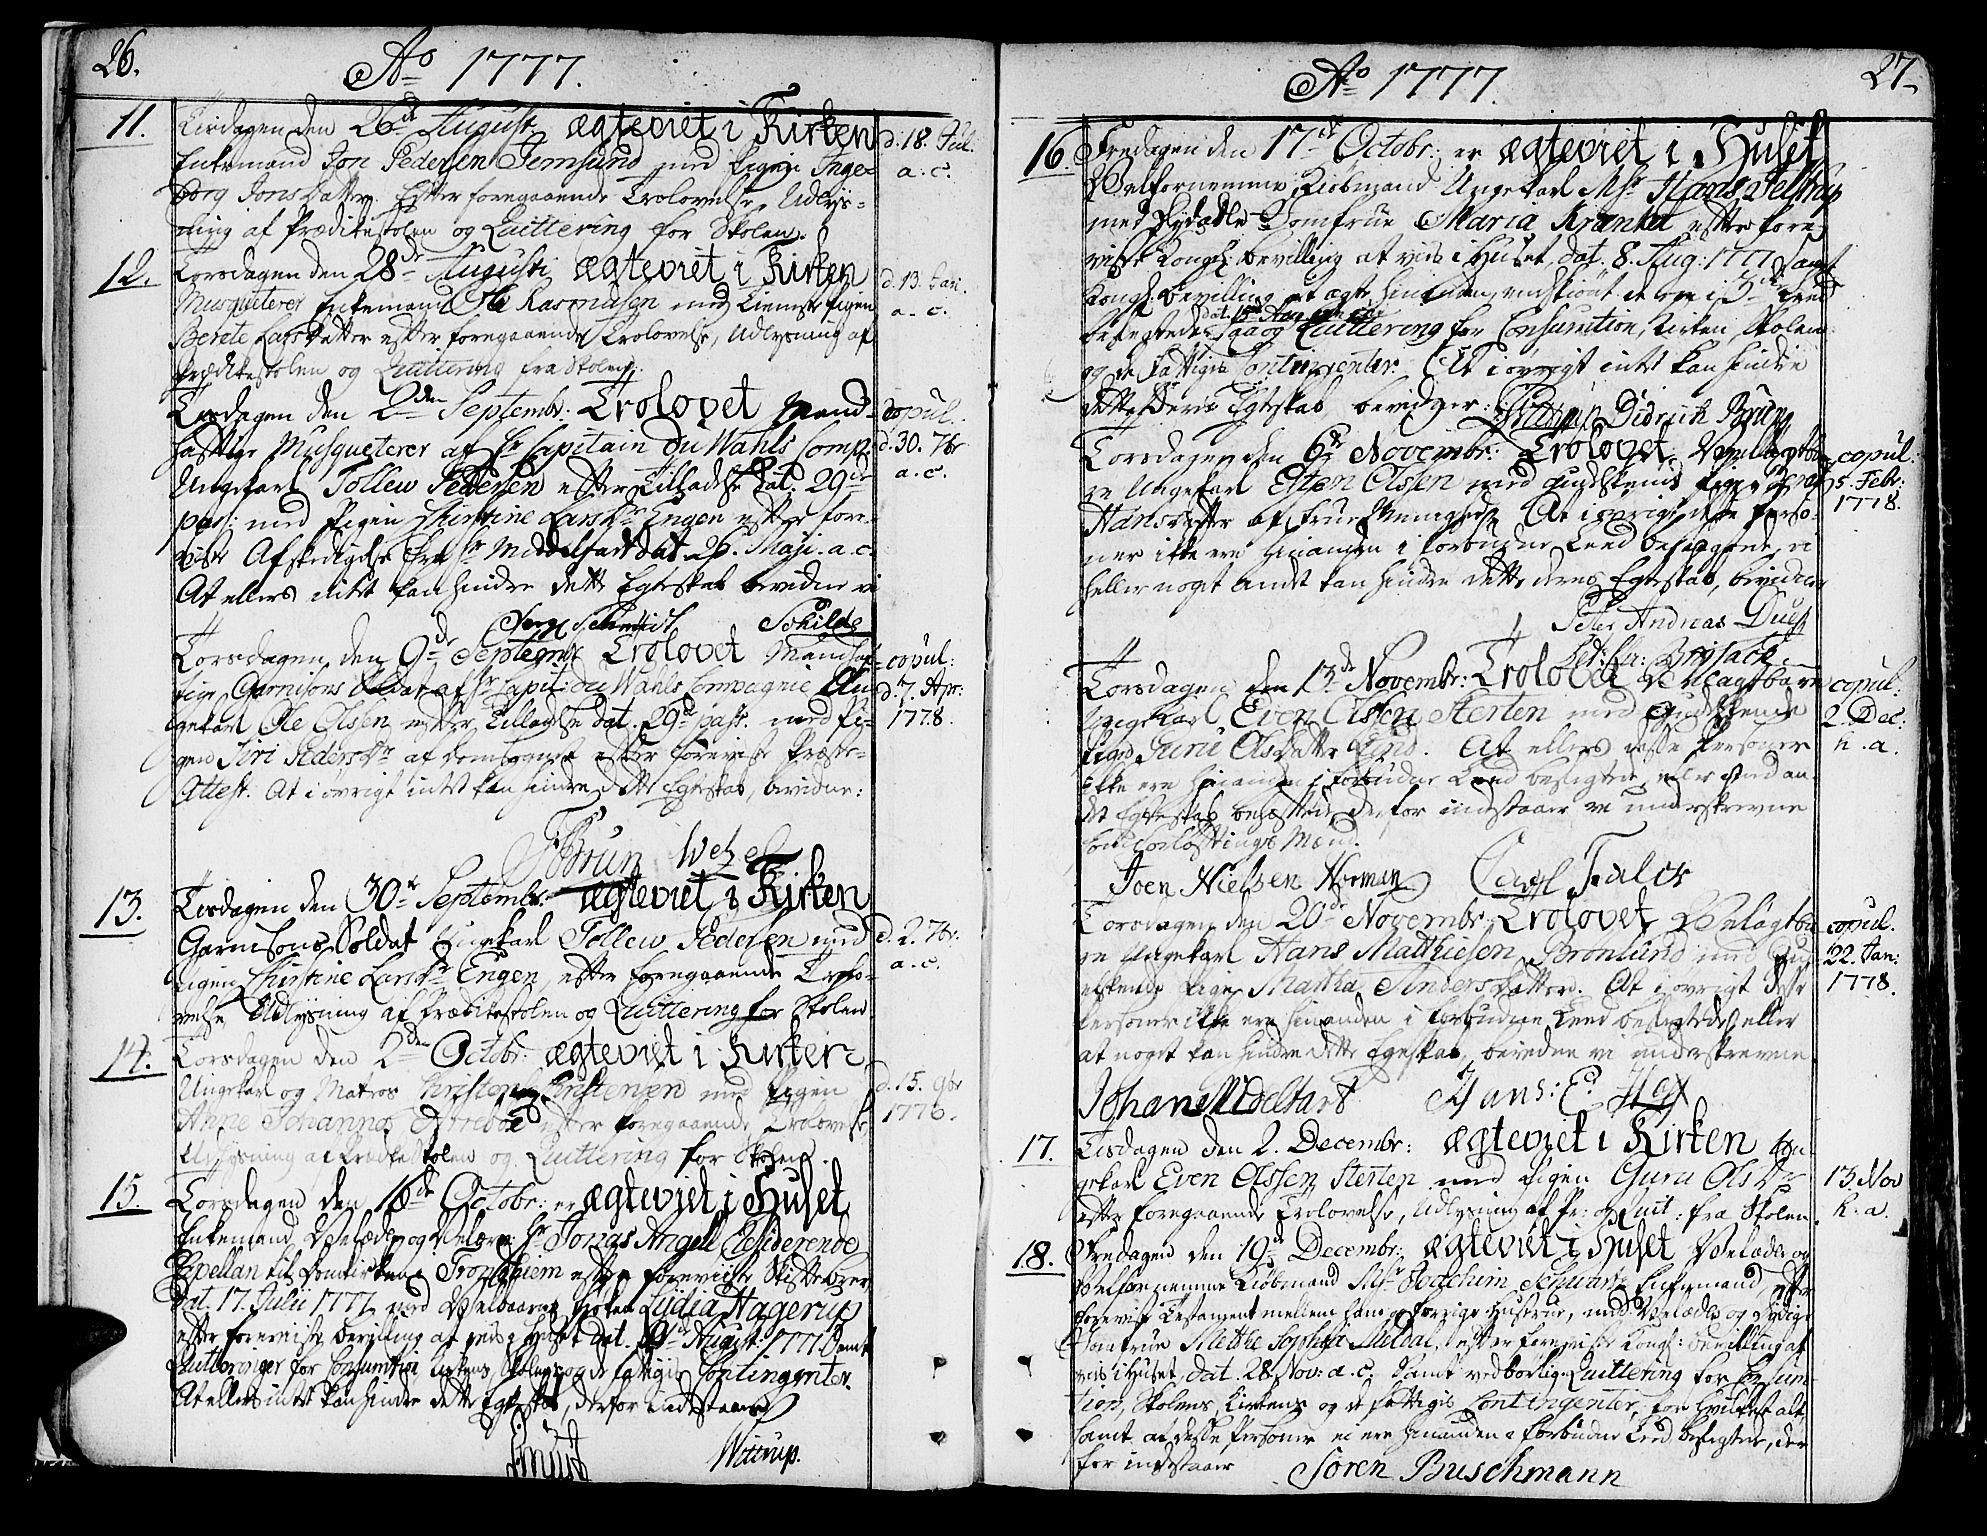 SAT, Ministerialprotokoller, klokkerbøker og fødselsregistre - Sør-Trøndelag, 602/L0105: Ministerialbok nr. 602A03, 1774-1814, s. 26-27